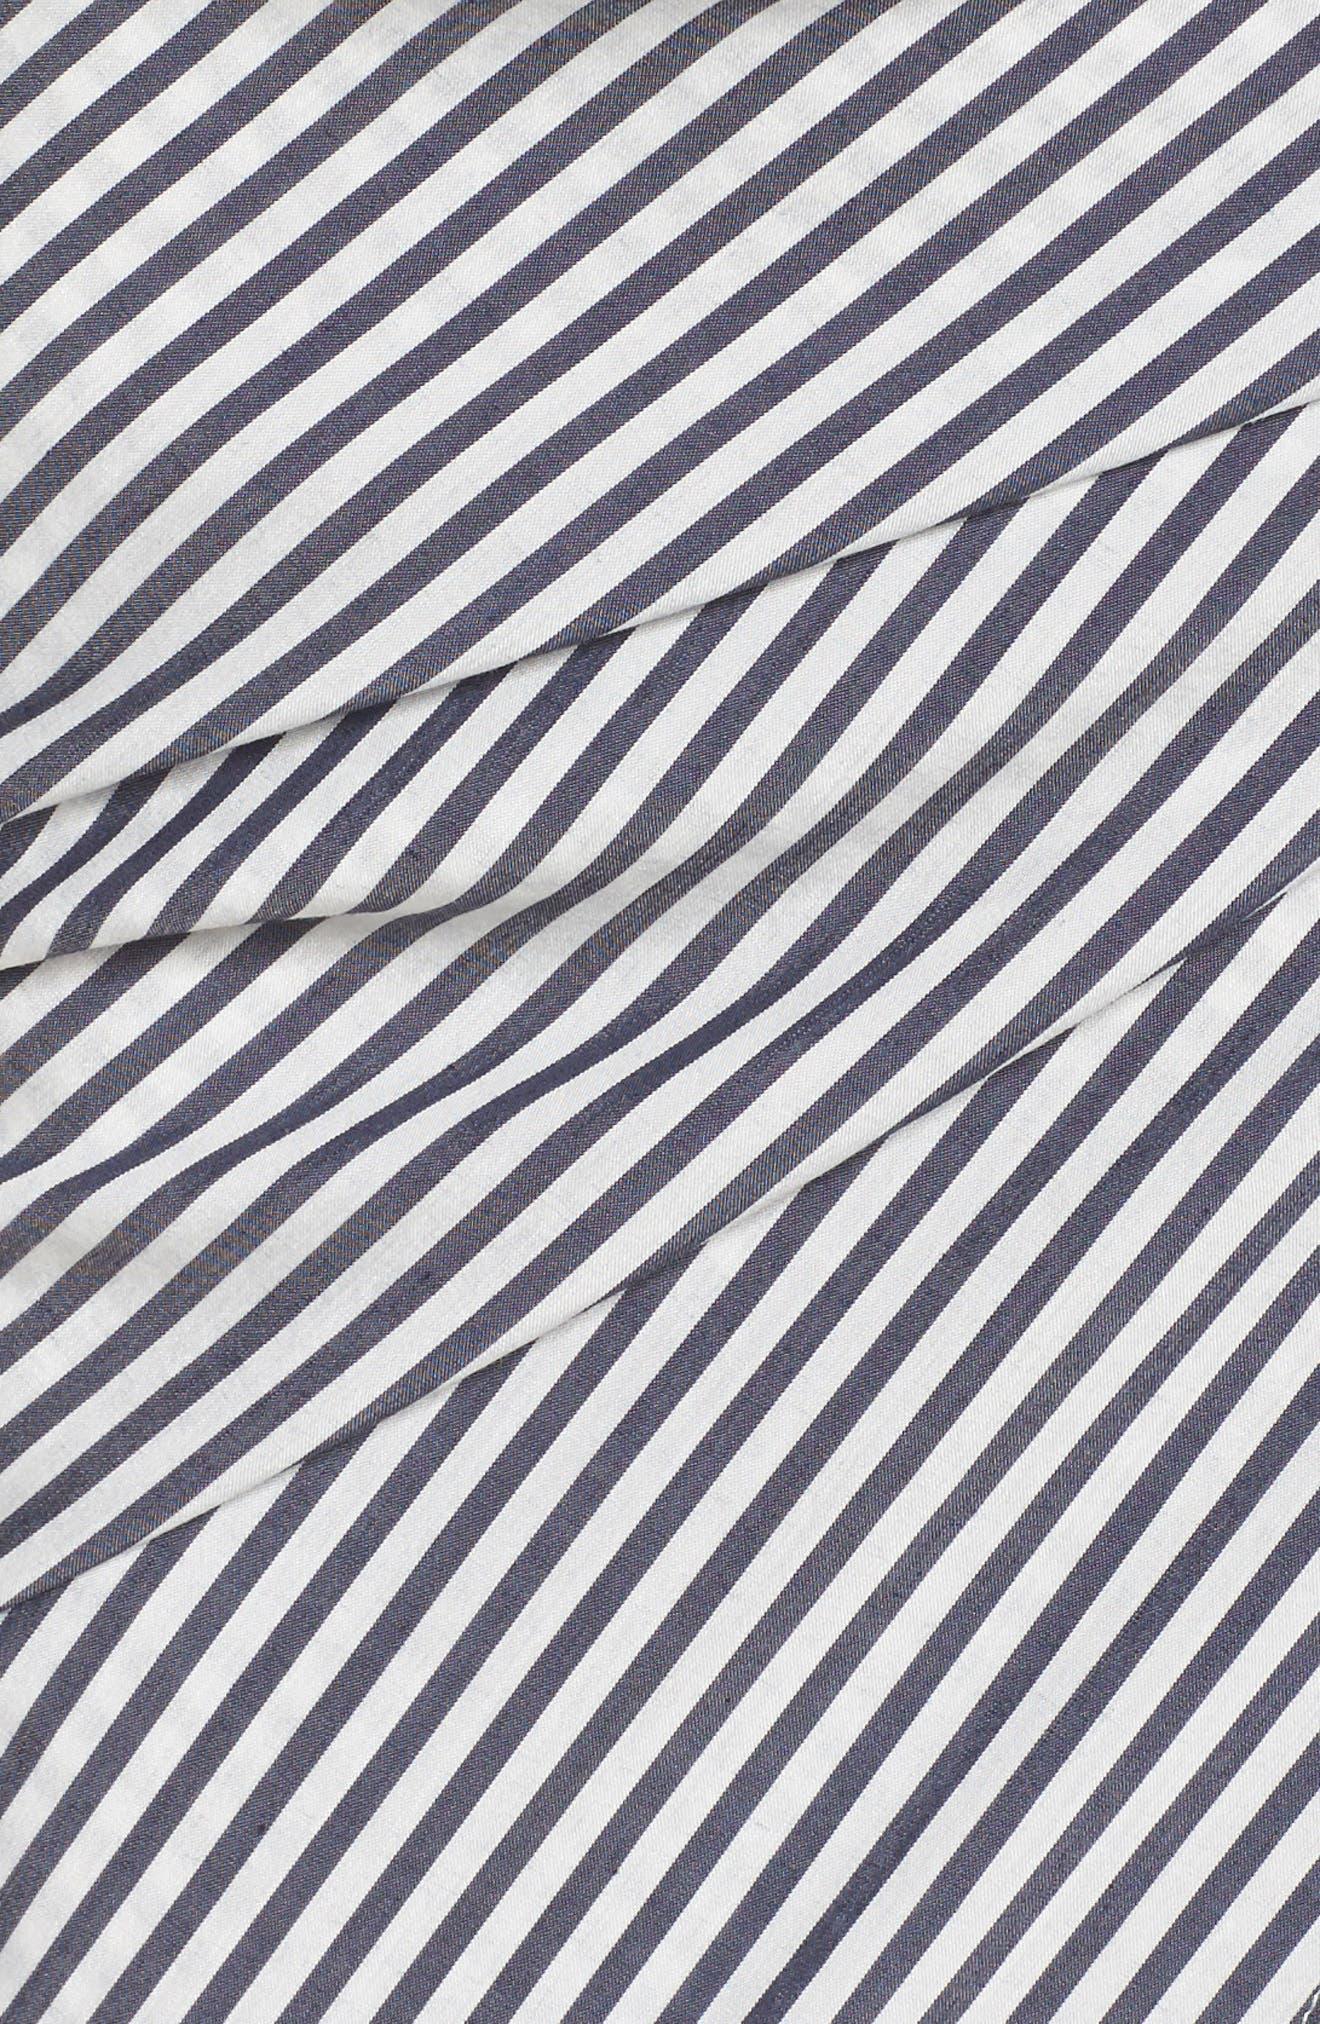 Cocktails Please Stripe Two-Piece Dress,                             Alternate thumbnail 5, color,                             100